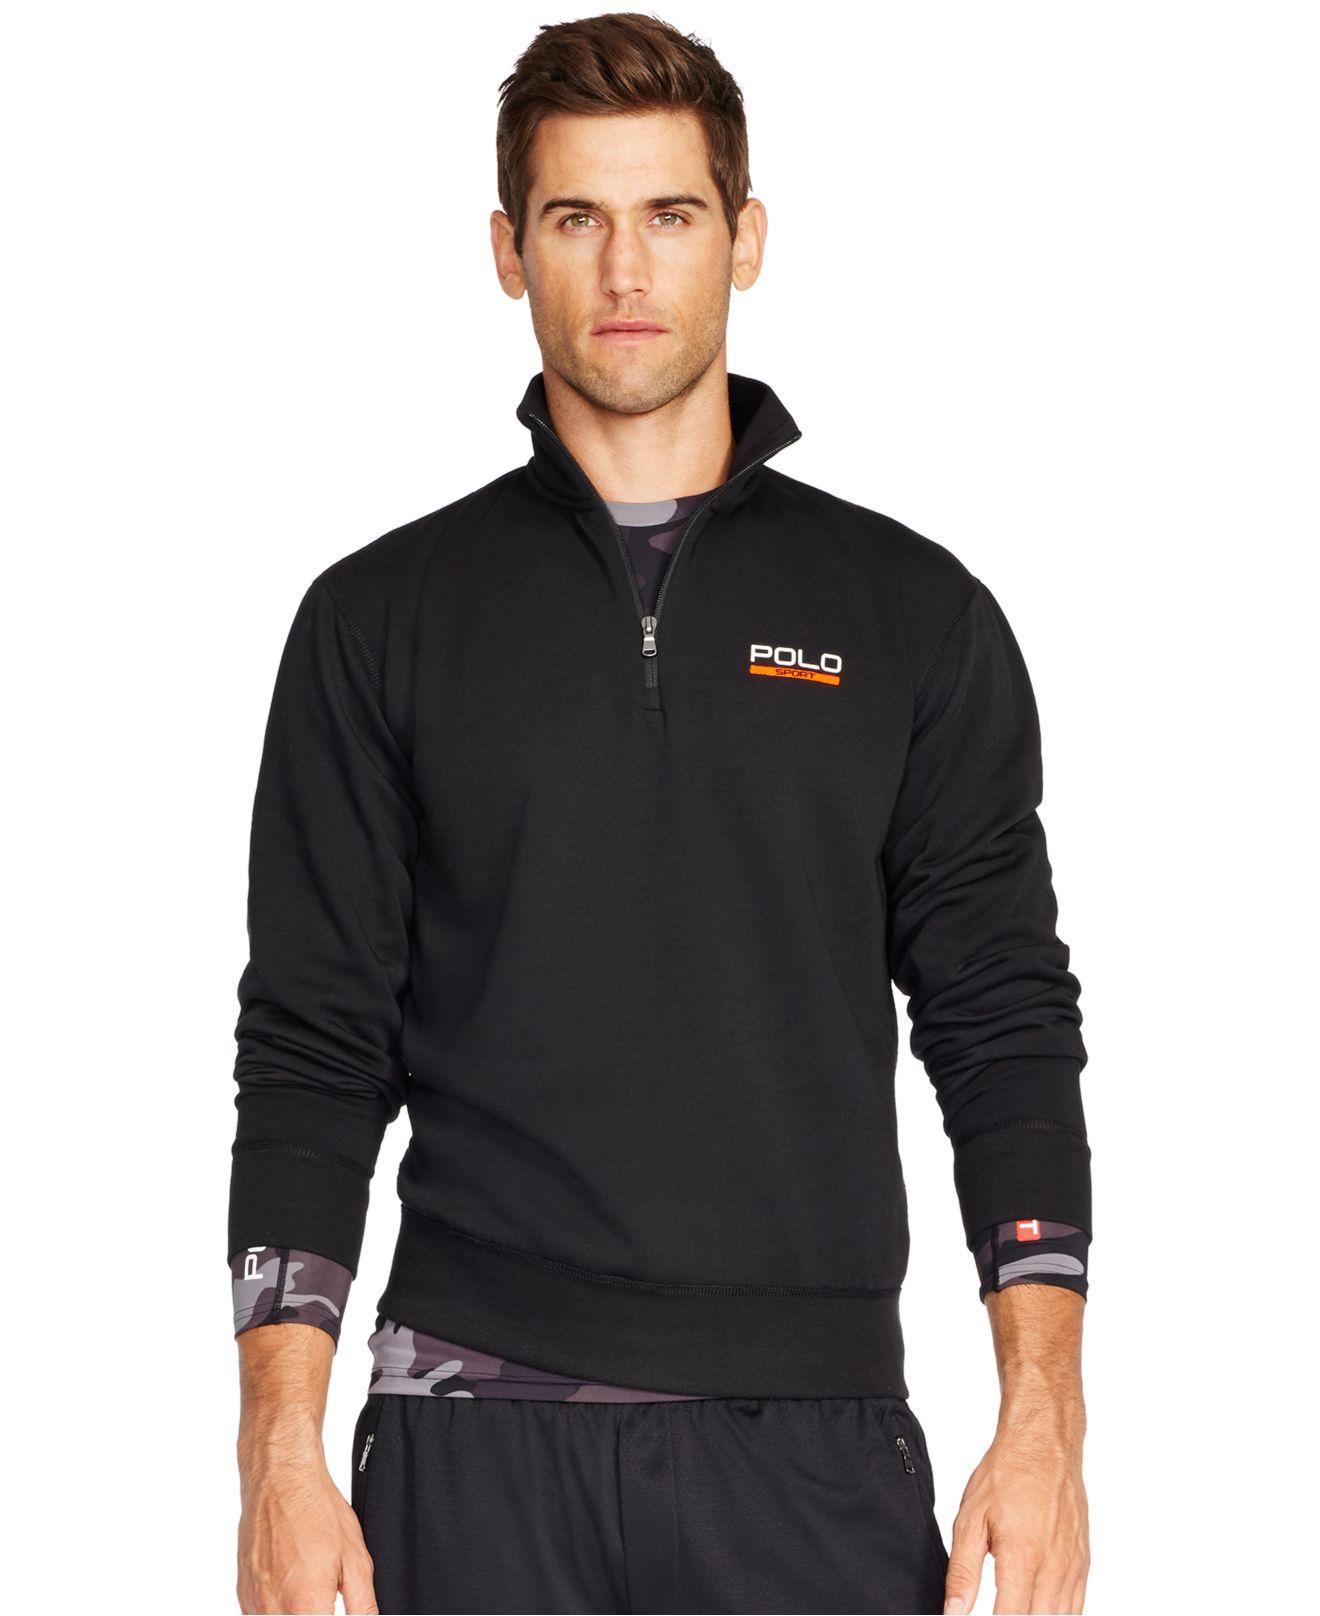 polo ralph lauren fleece half zip pullover in black for men lyst. Black Bedroom Furniture Sets. Home Design Ideas